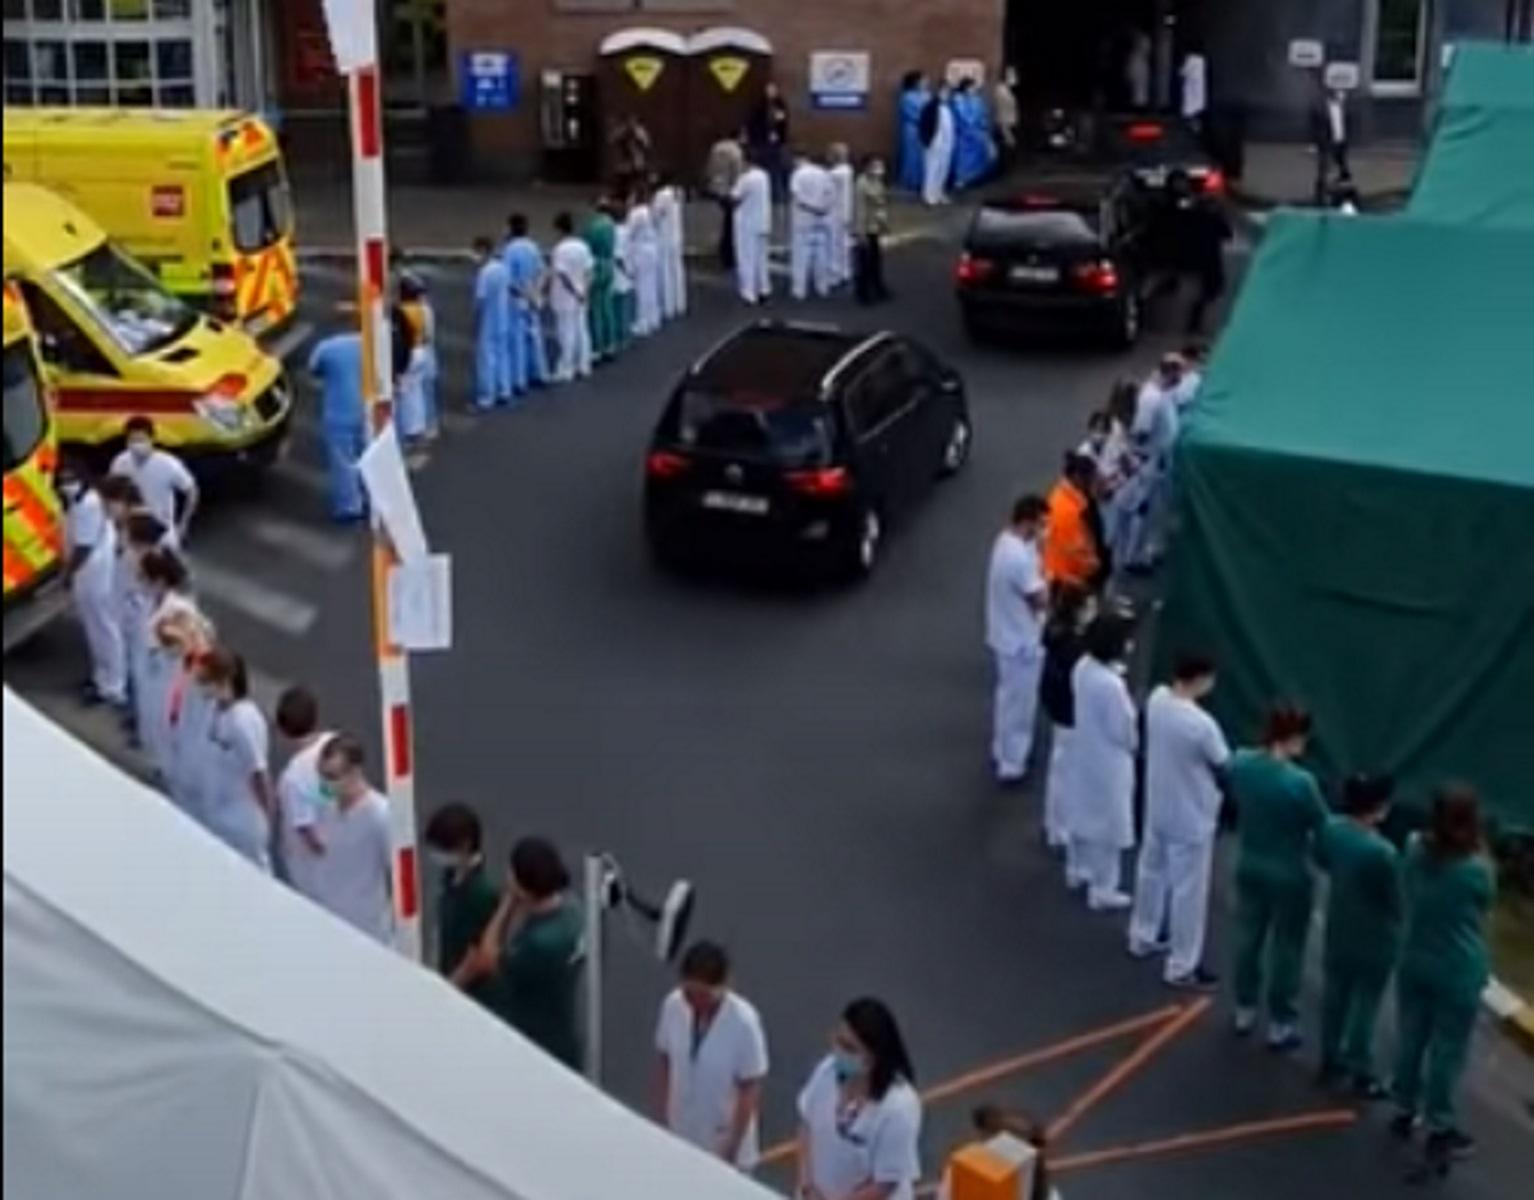 Οργή στο Βέλγιο για την πρωθυπουργό – Υποδοχή με γυρισμένες πλάτες σε νοσοκομείο